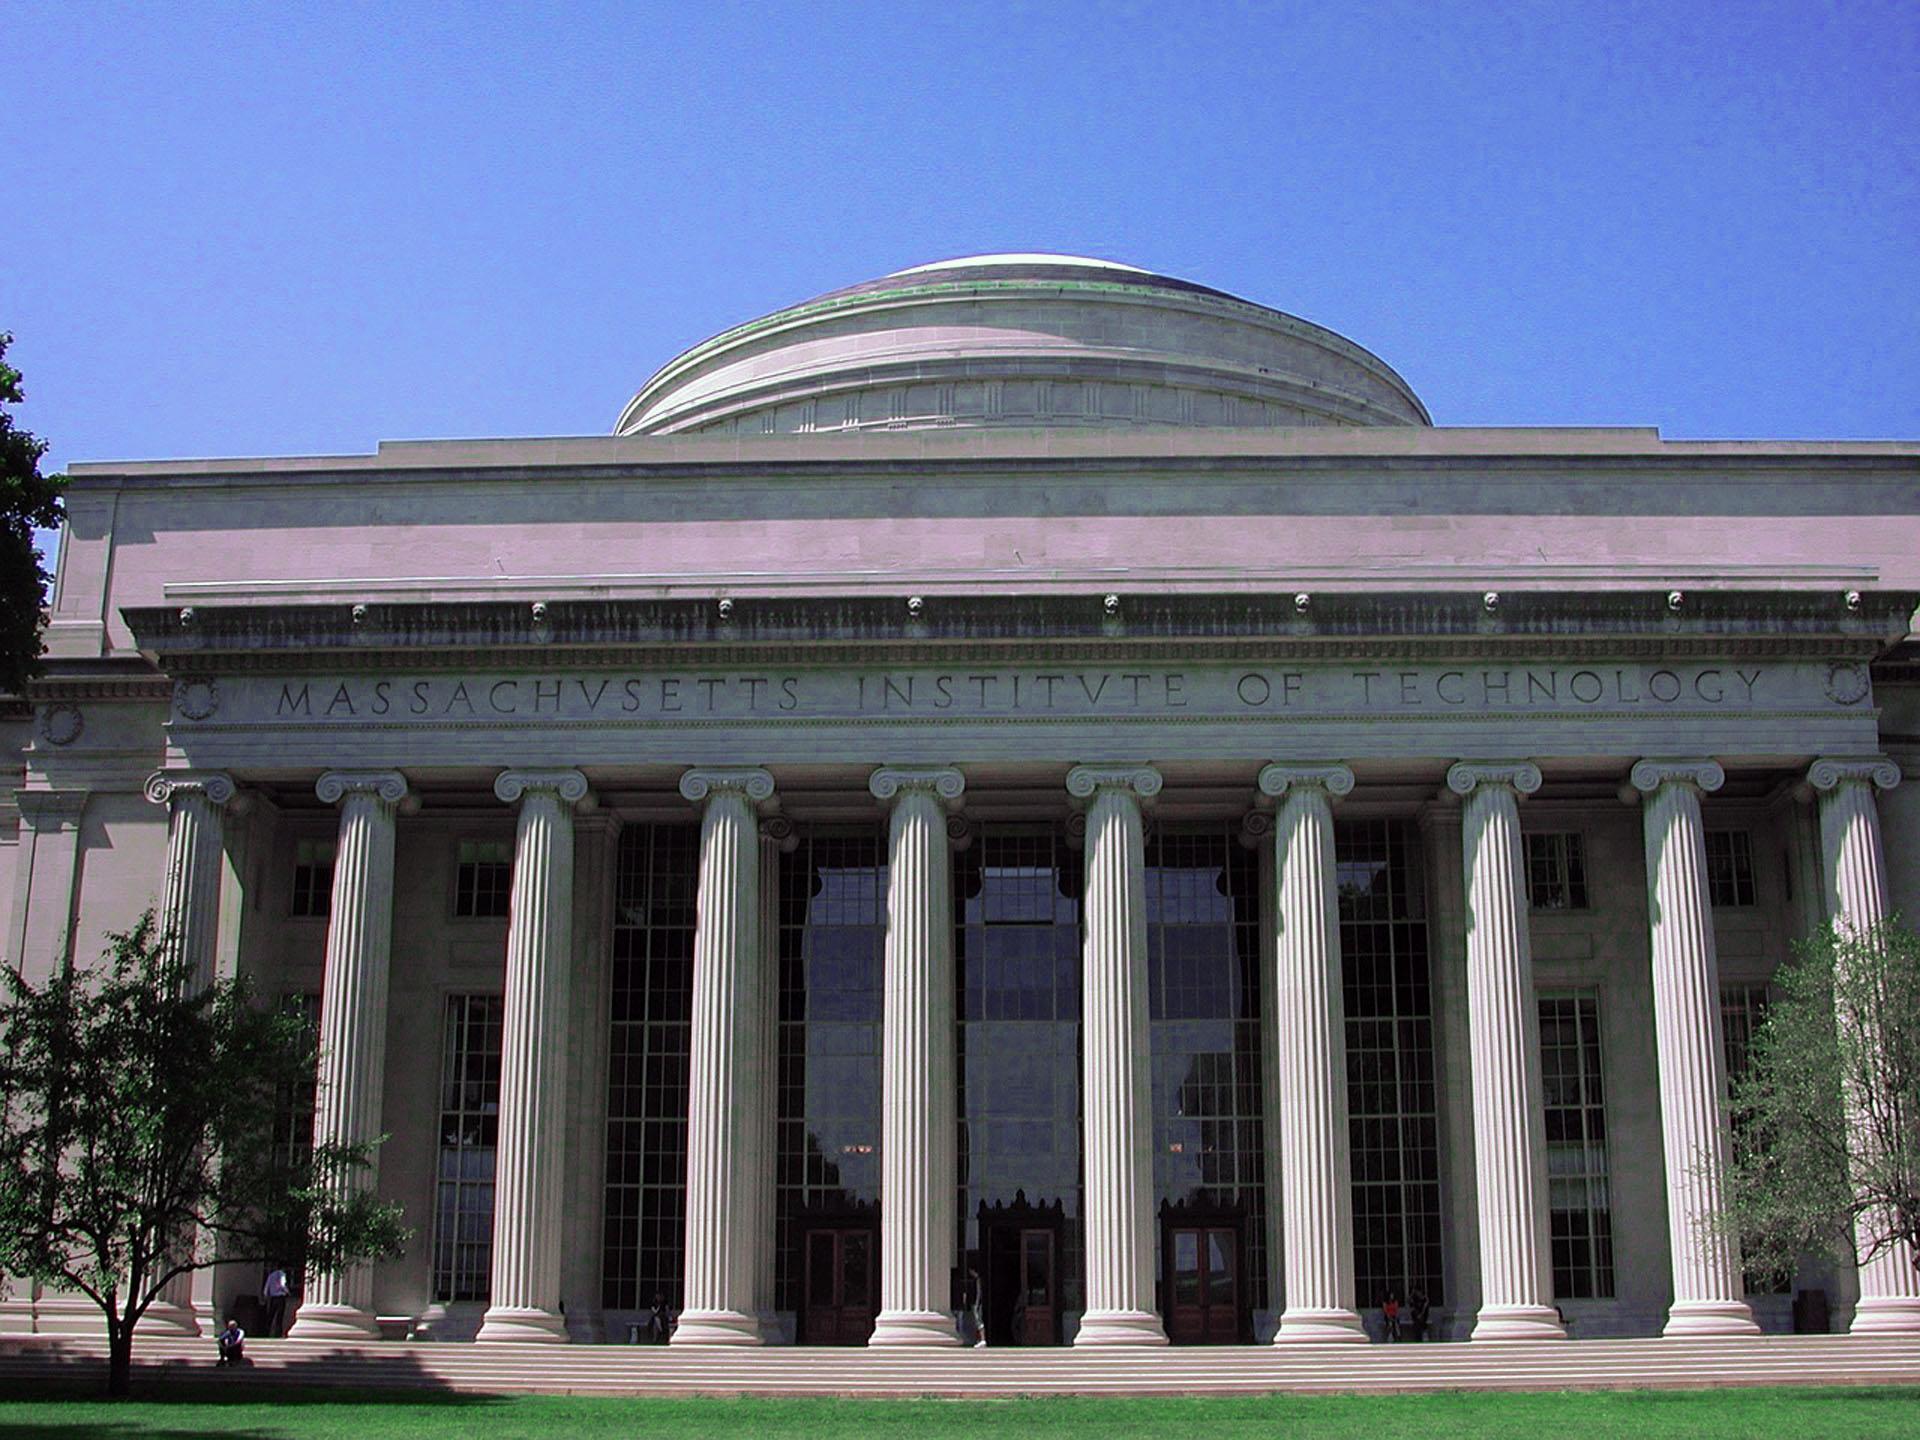 MIT #1